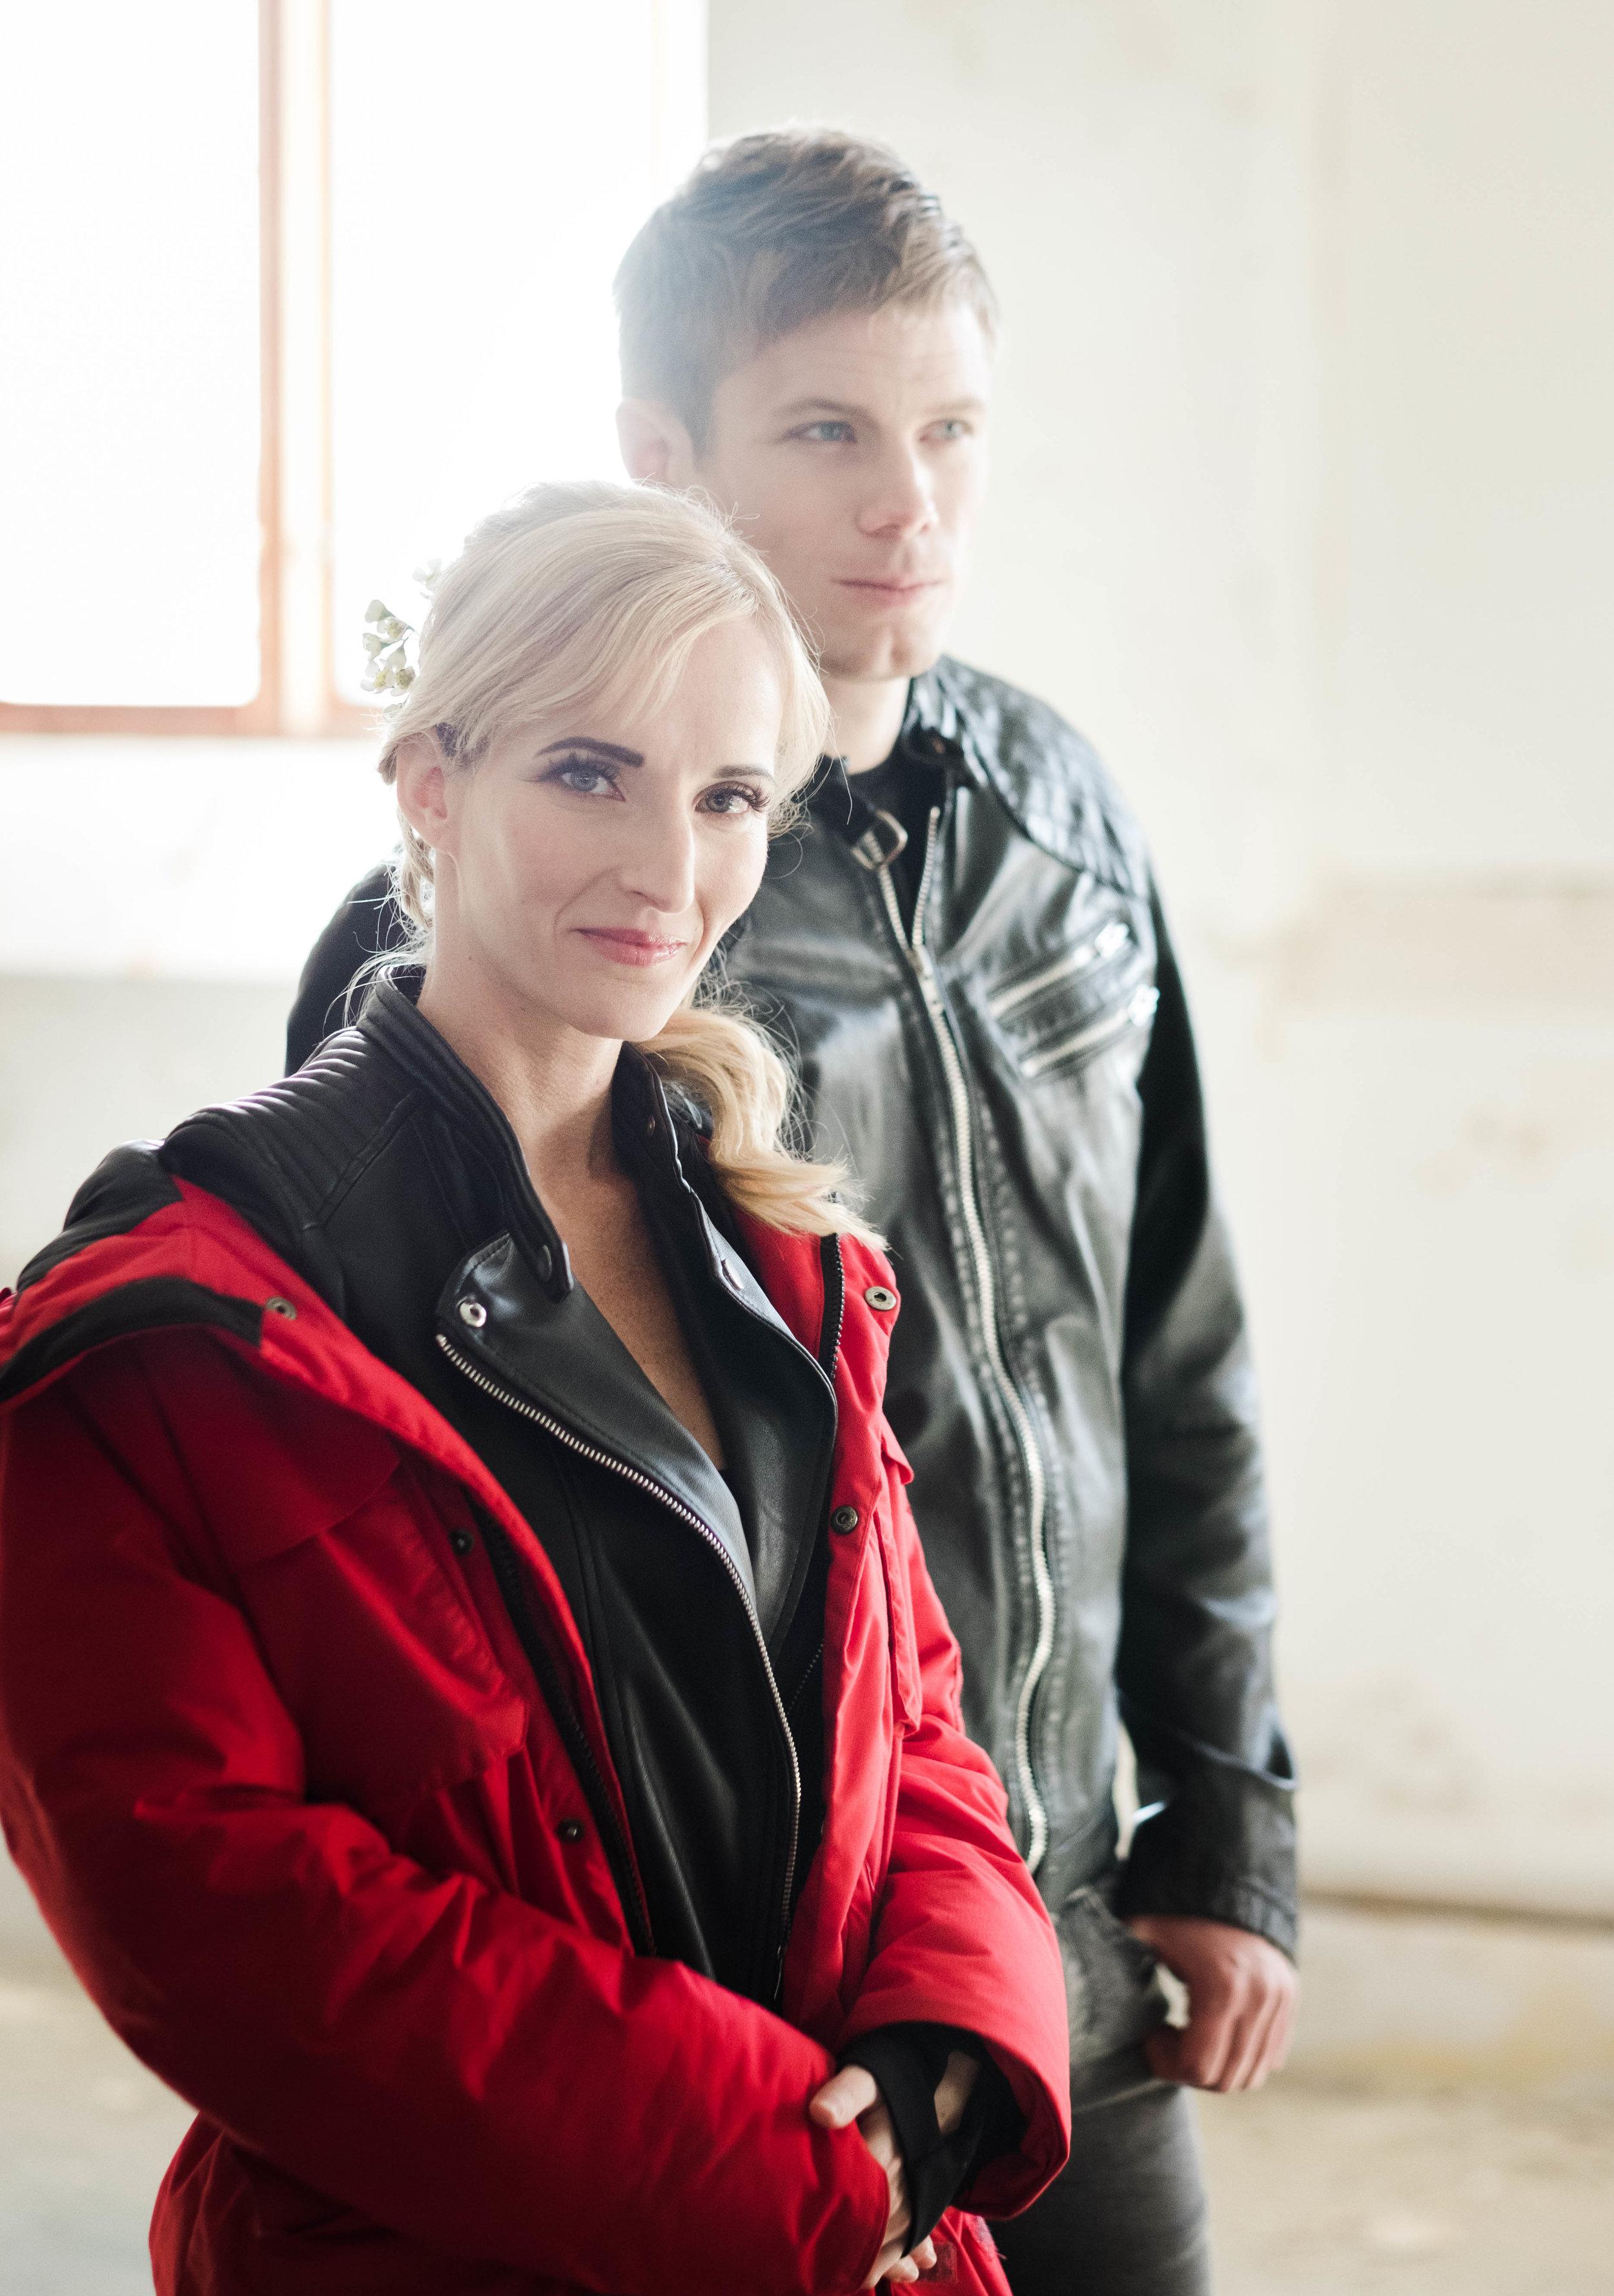 Catherine och Johan kommer i fotoform med lite förberedande svart skinn innan bröllopskläderna